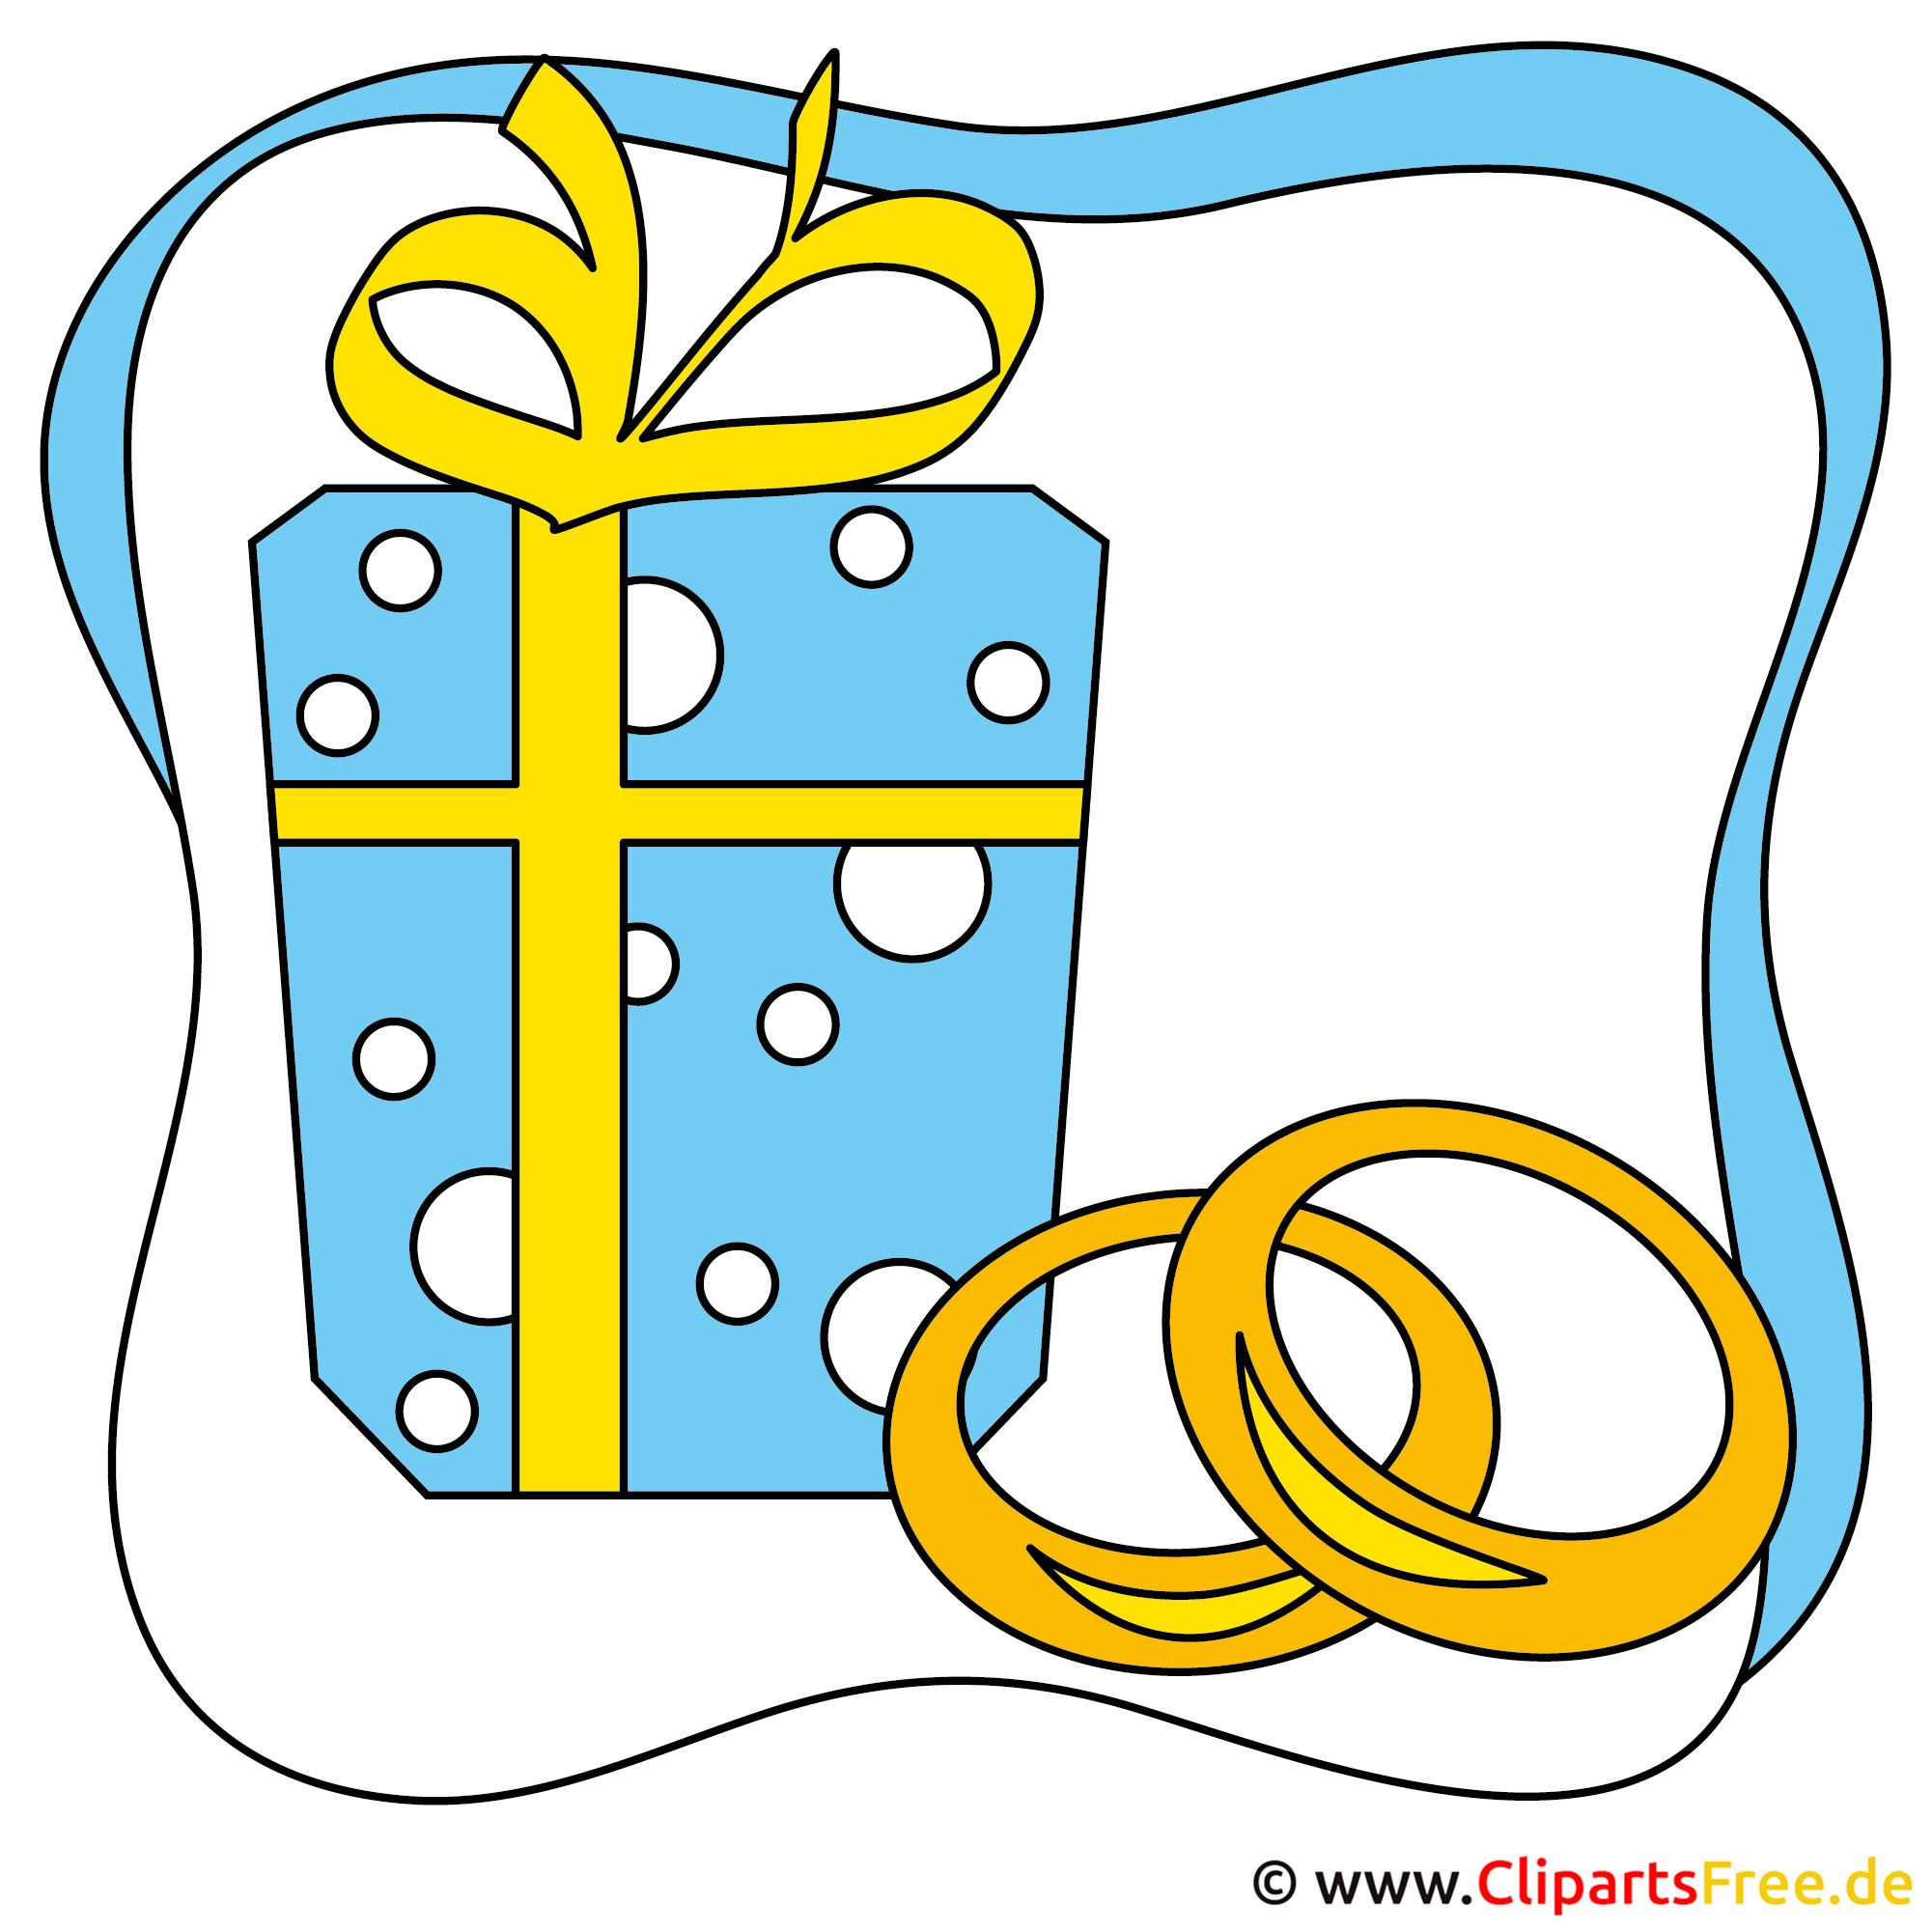 Eheringe clipart schwarz weiß  Clipart Hochzeitsmotive Trauringe gratis